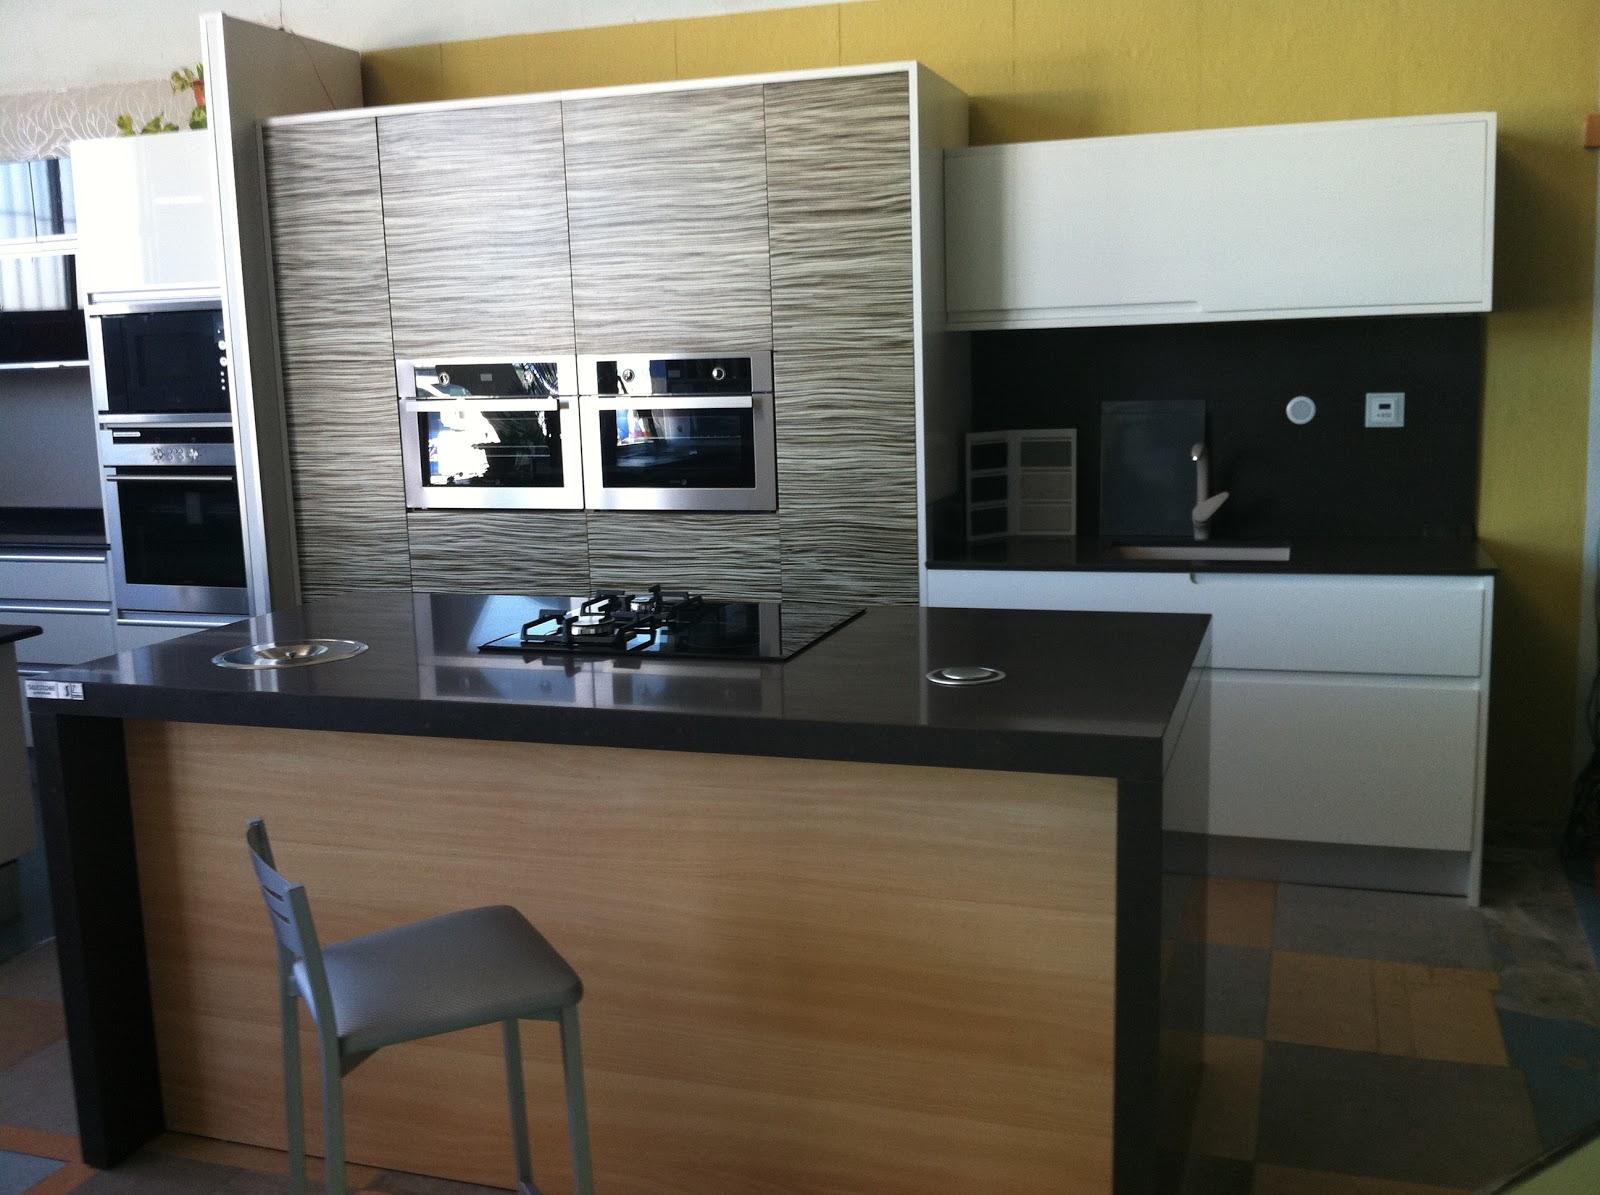 Formas almacen de cocinas nueva cocina en nuestra for Cocinas exposicion